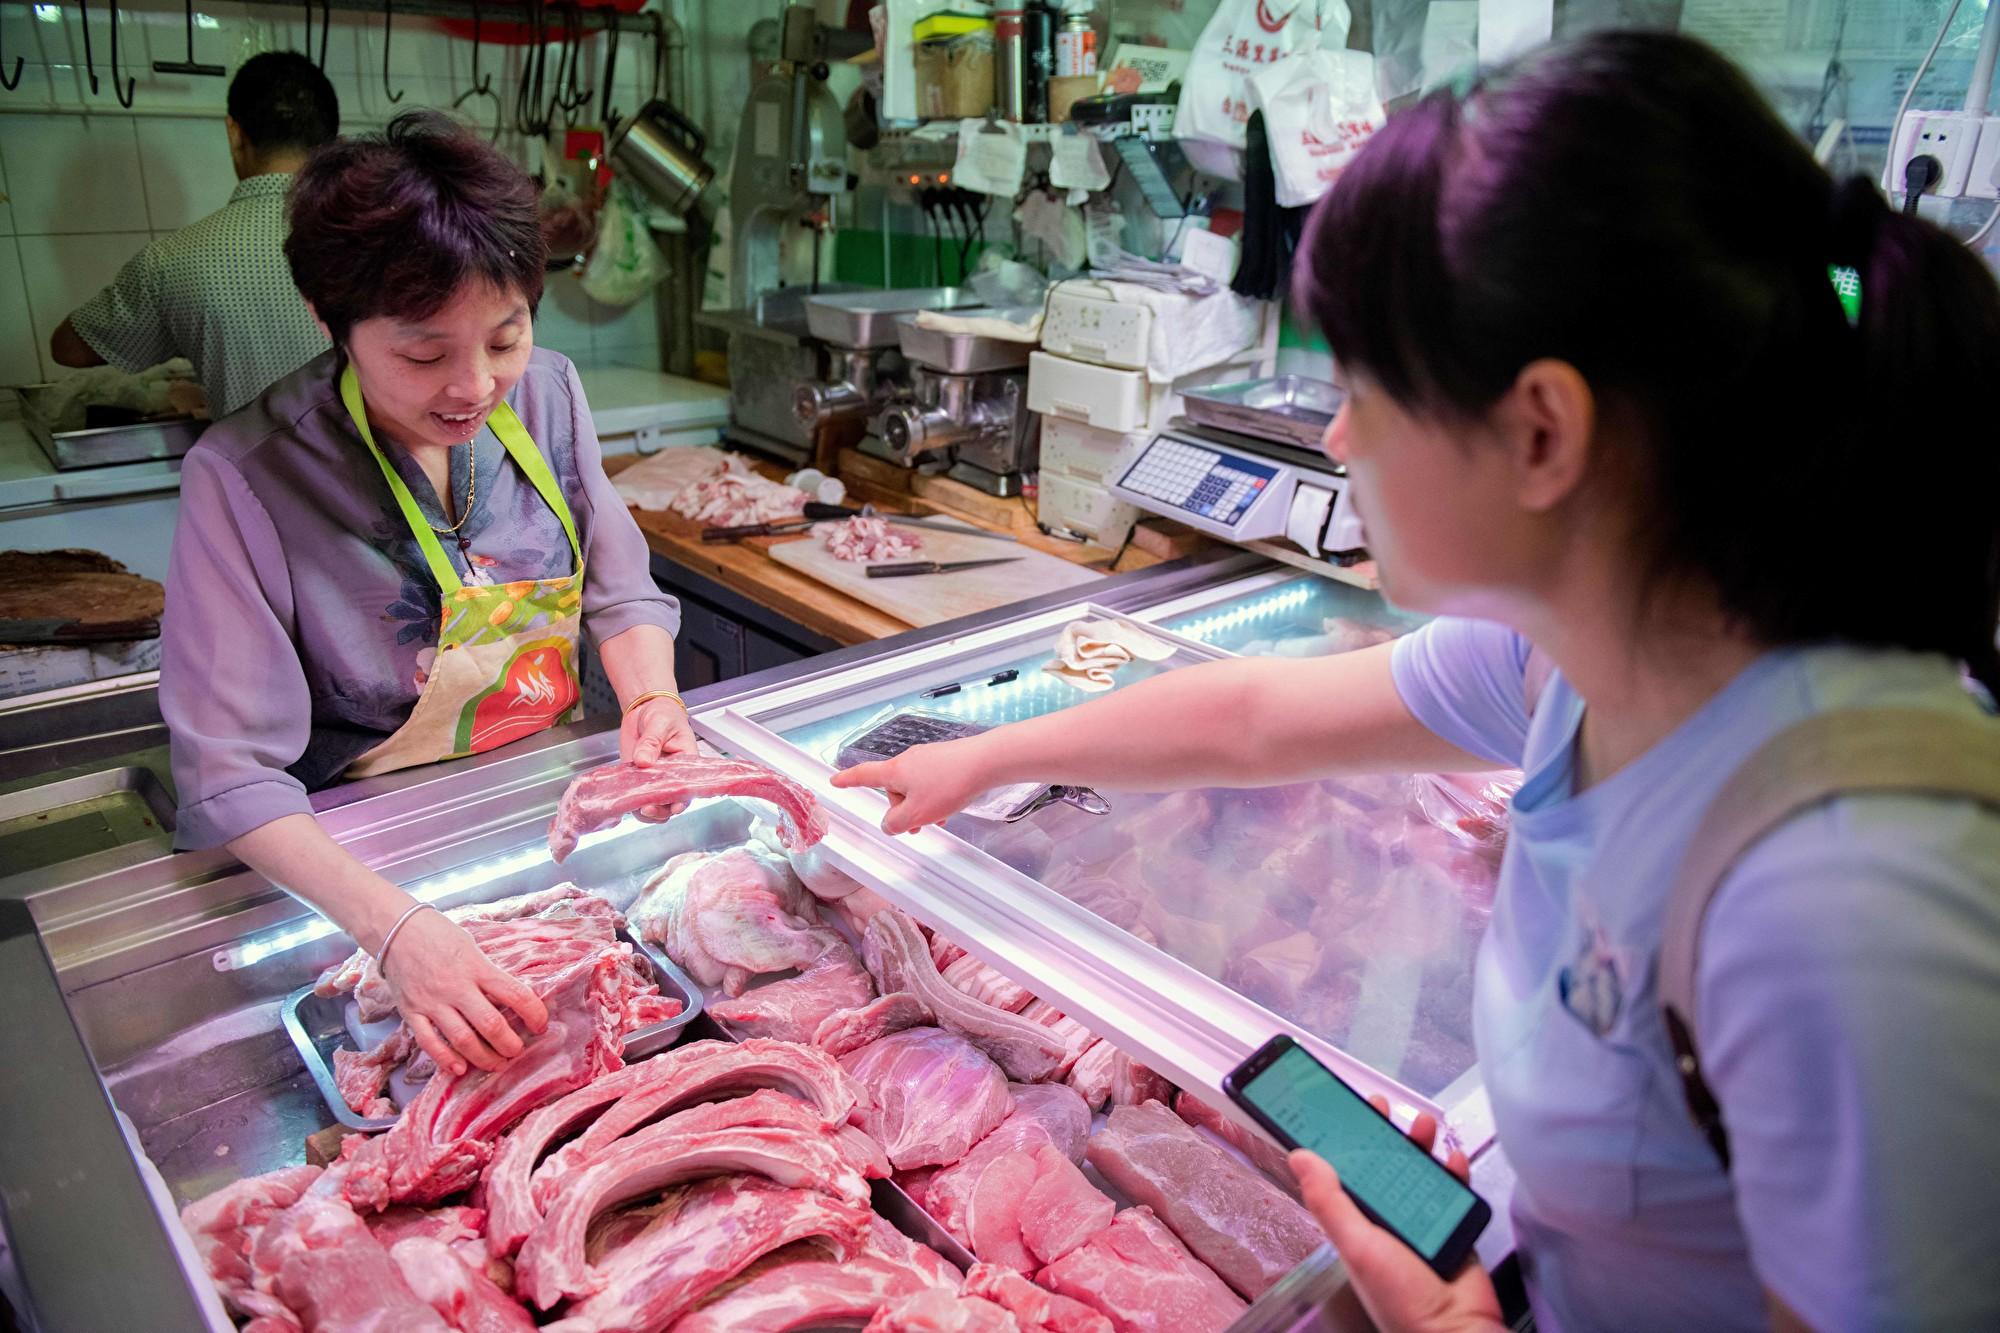 受大陸不斷爆發的非洲豬瘟影響,「中糧肉食」的生豬養殖業務巨虧4.36億元人民幣。另一方面,從 9月1日開始,中共對美國進口豬肉的關稅高達72%。 (NICOLAS ASFOURI/AFP/Getty Images)